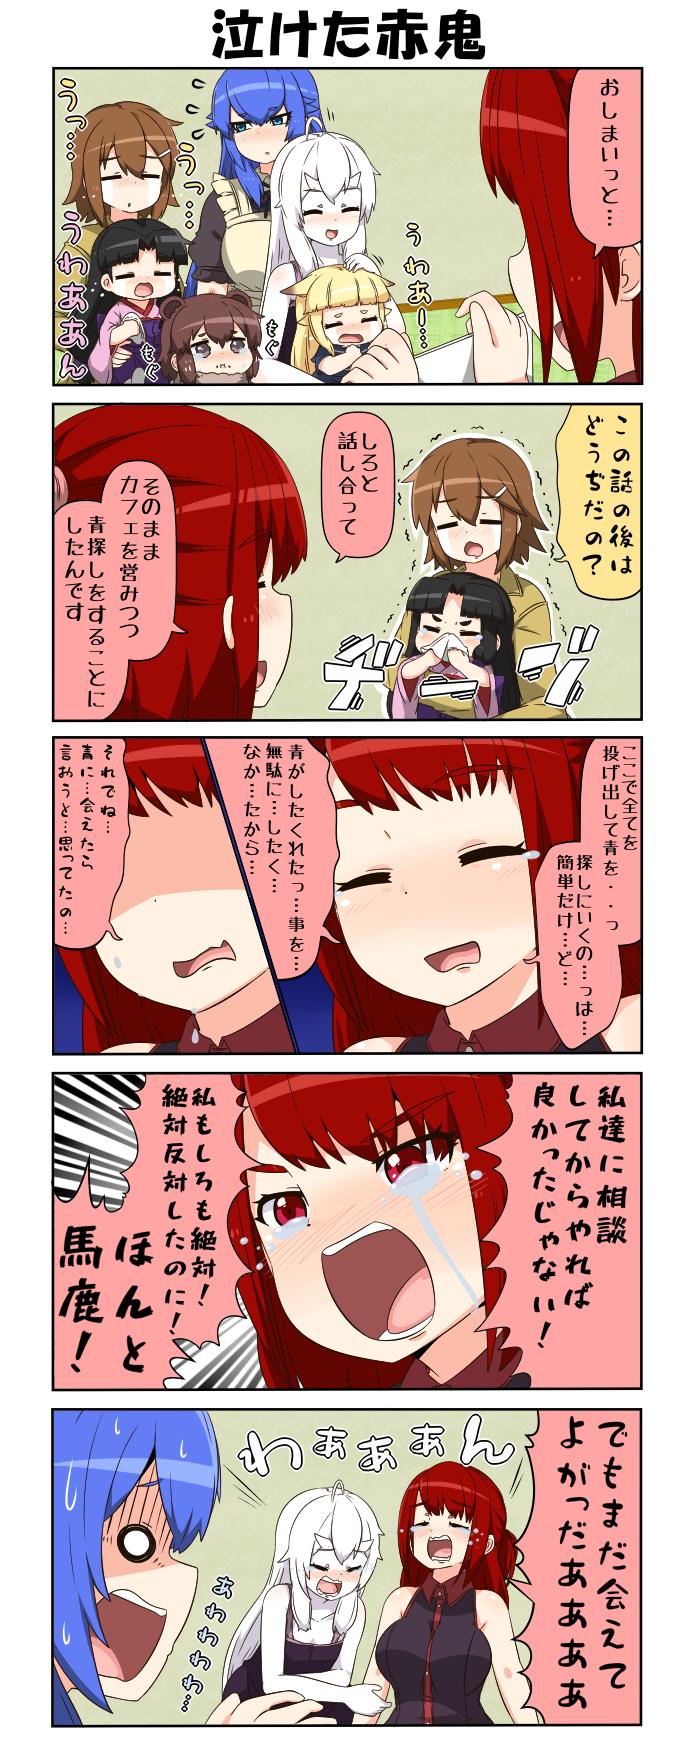 danyotsuba, shiki, tenko, onigashima akane, onizuka shiro, and etc (original) drawn by yuureidoushi (yuurei6214)